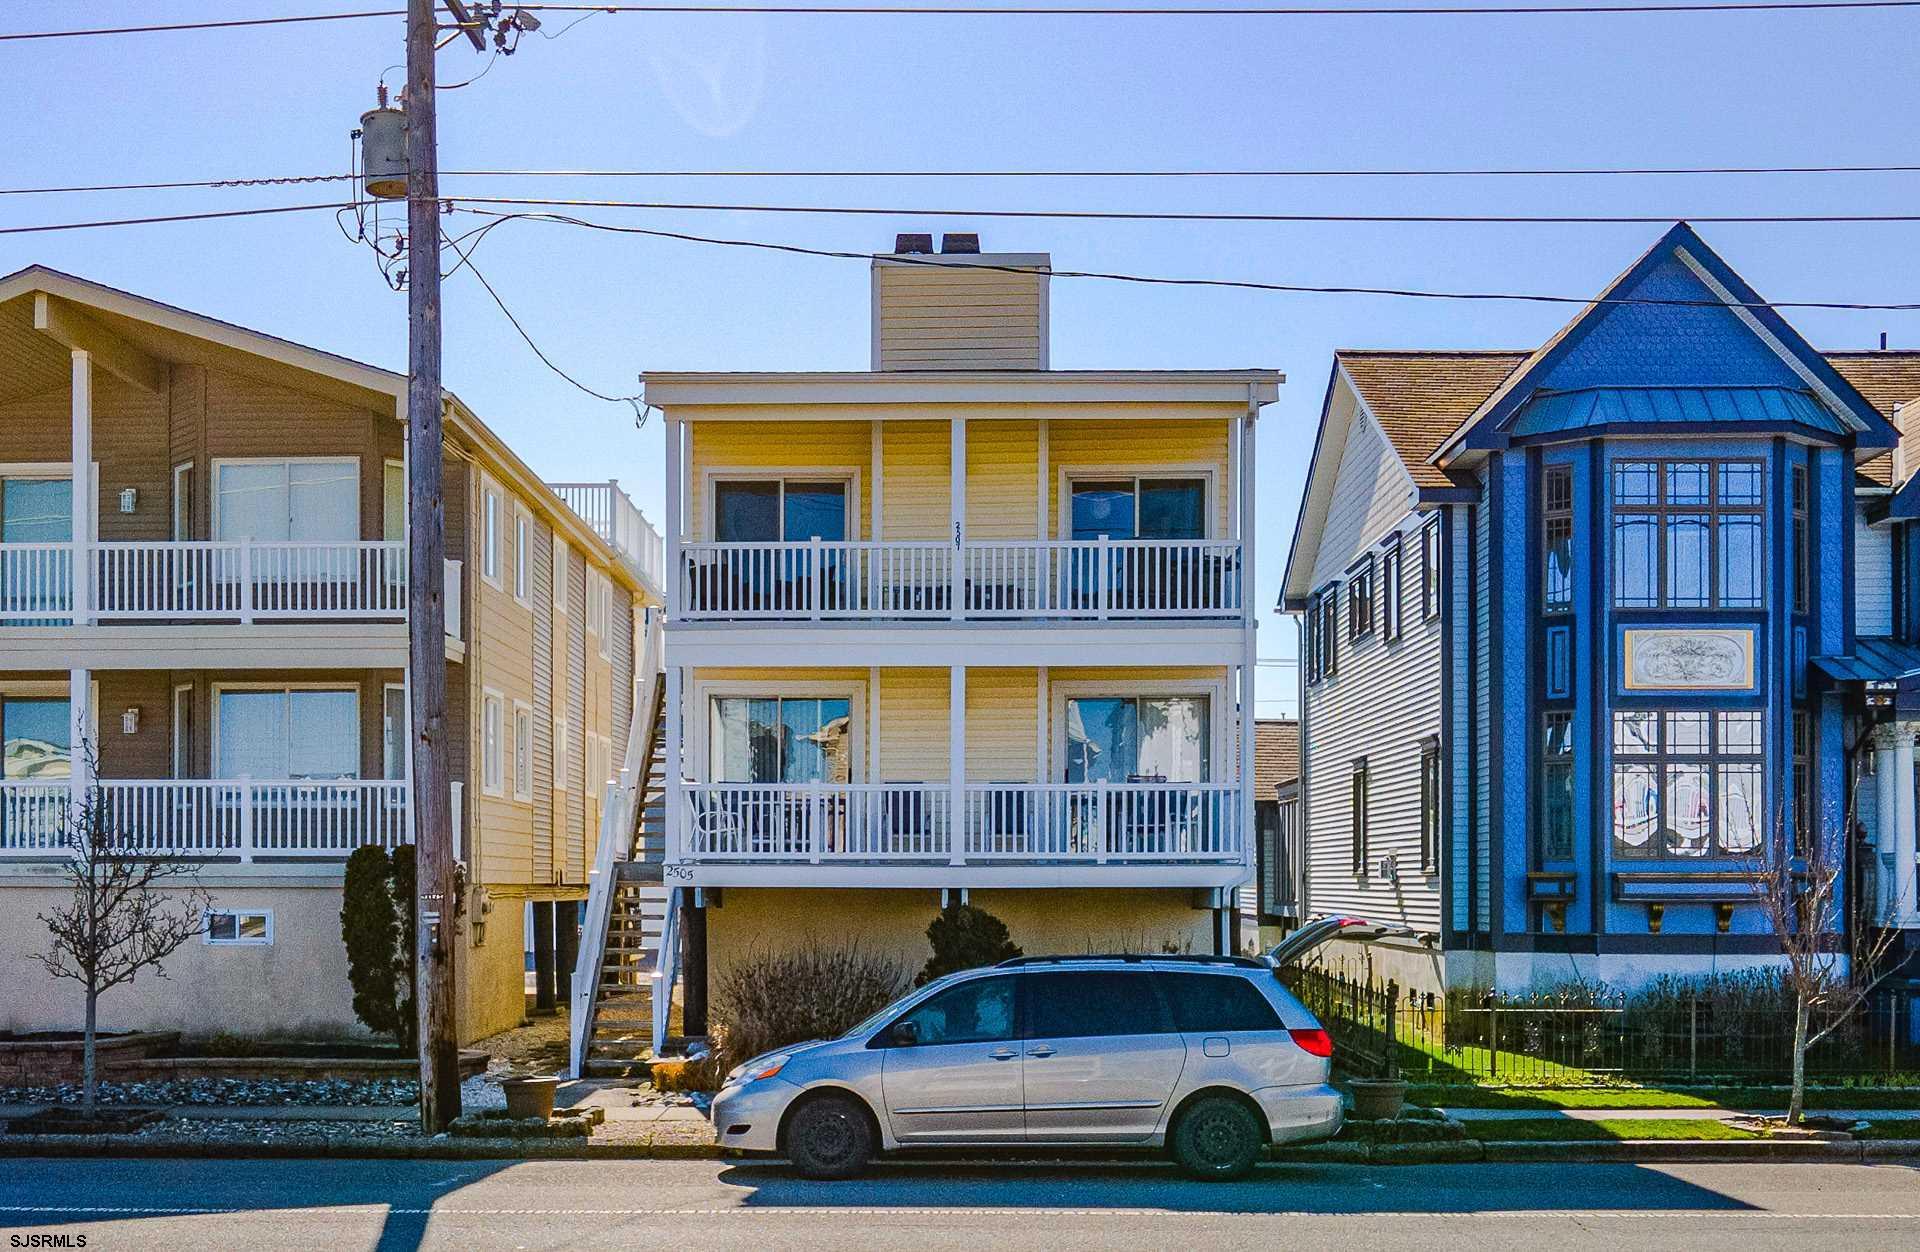 2507 West, OCEAN CITY, New Jersey 08226, 3 Bedrooms Bedrooms, ,2 BathroomsBathrooms,Common Interest,For Sale,2507 West,1,548738